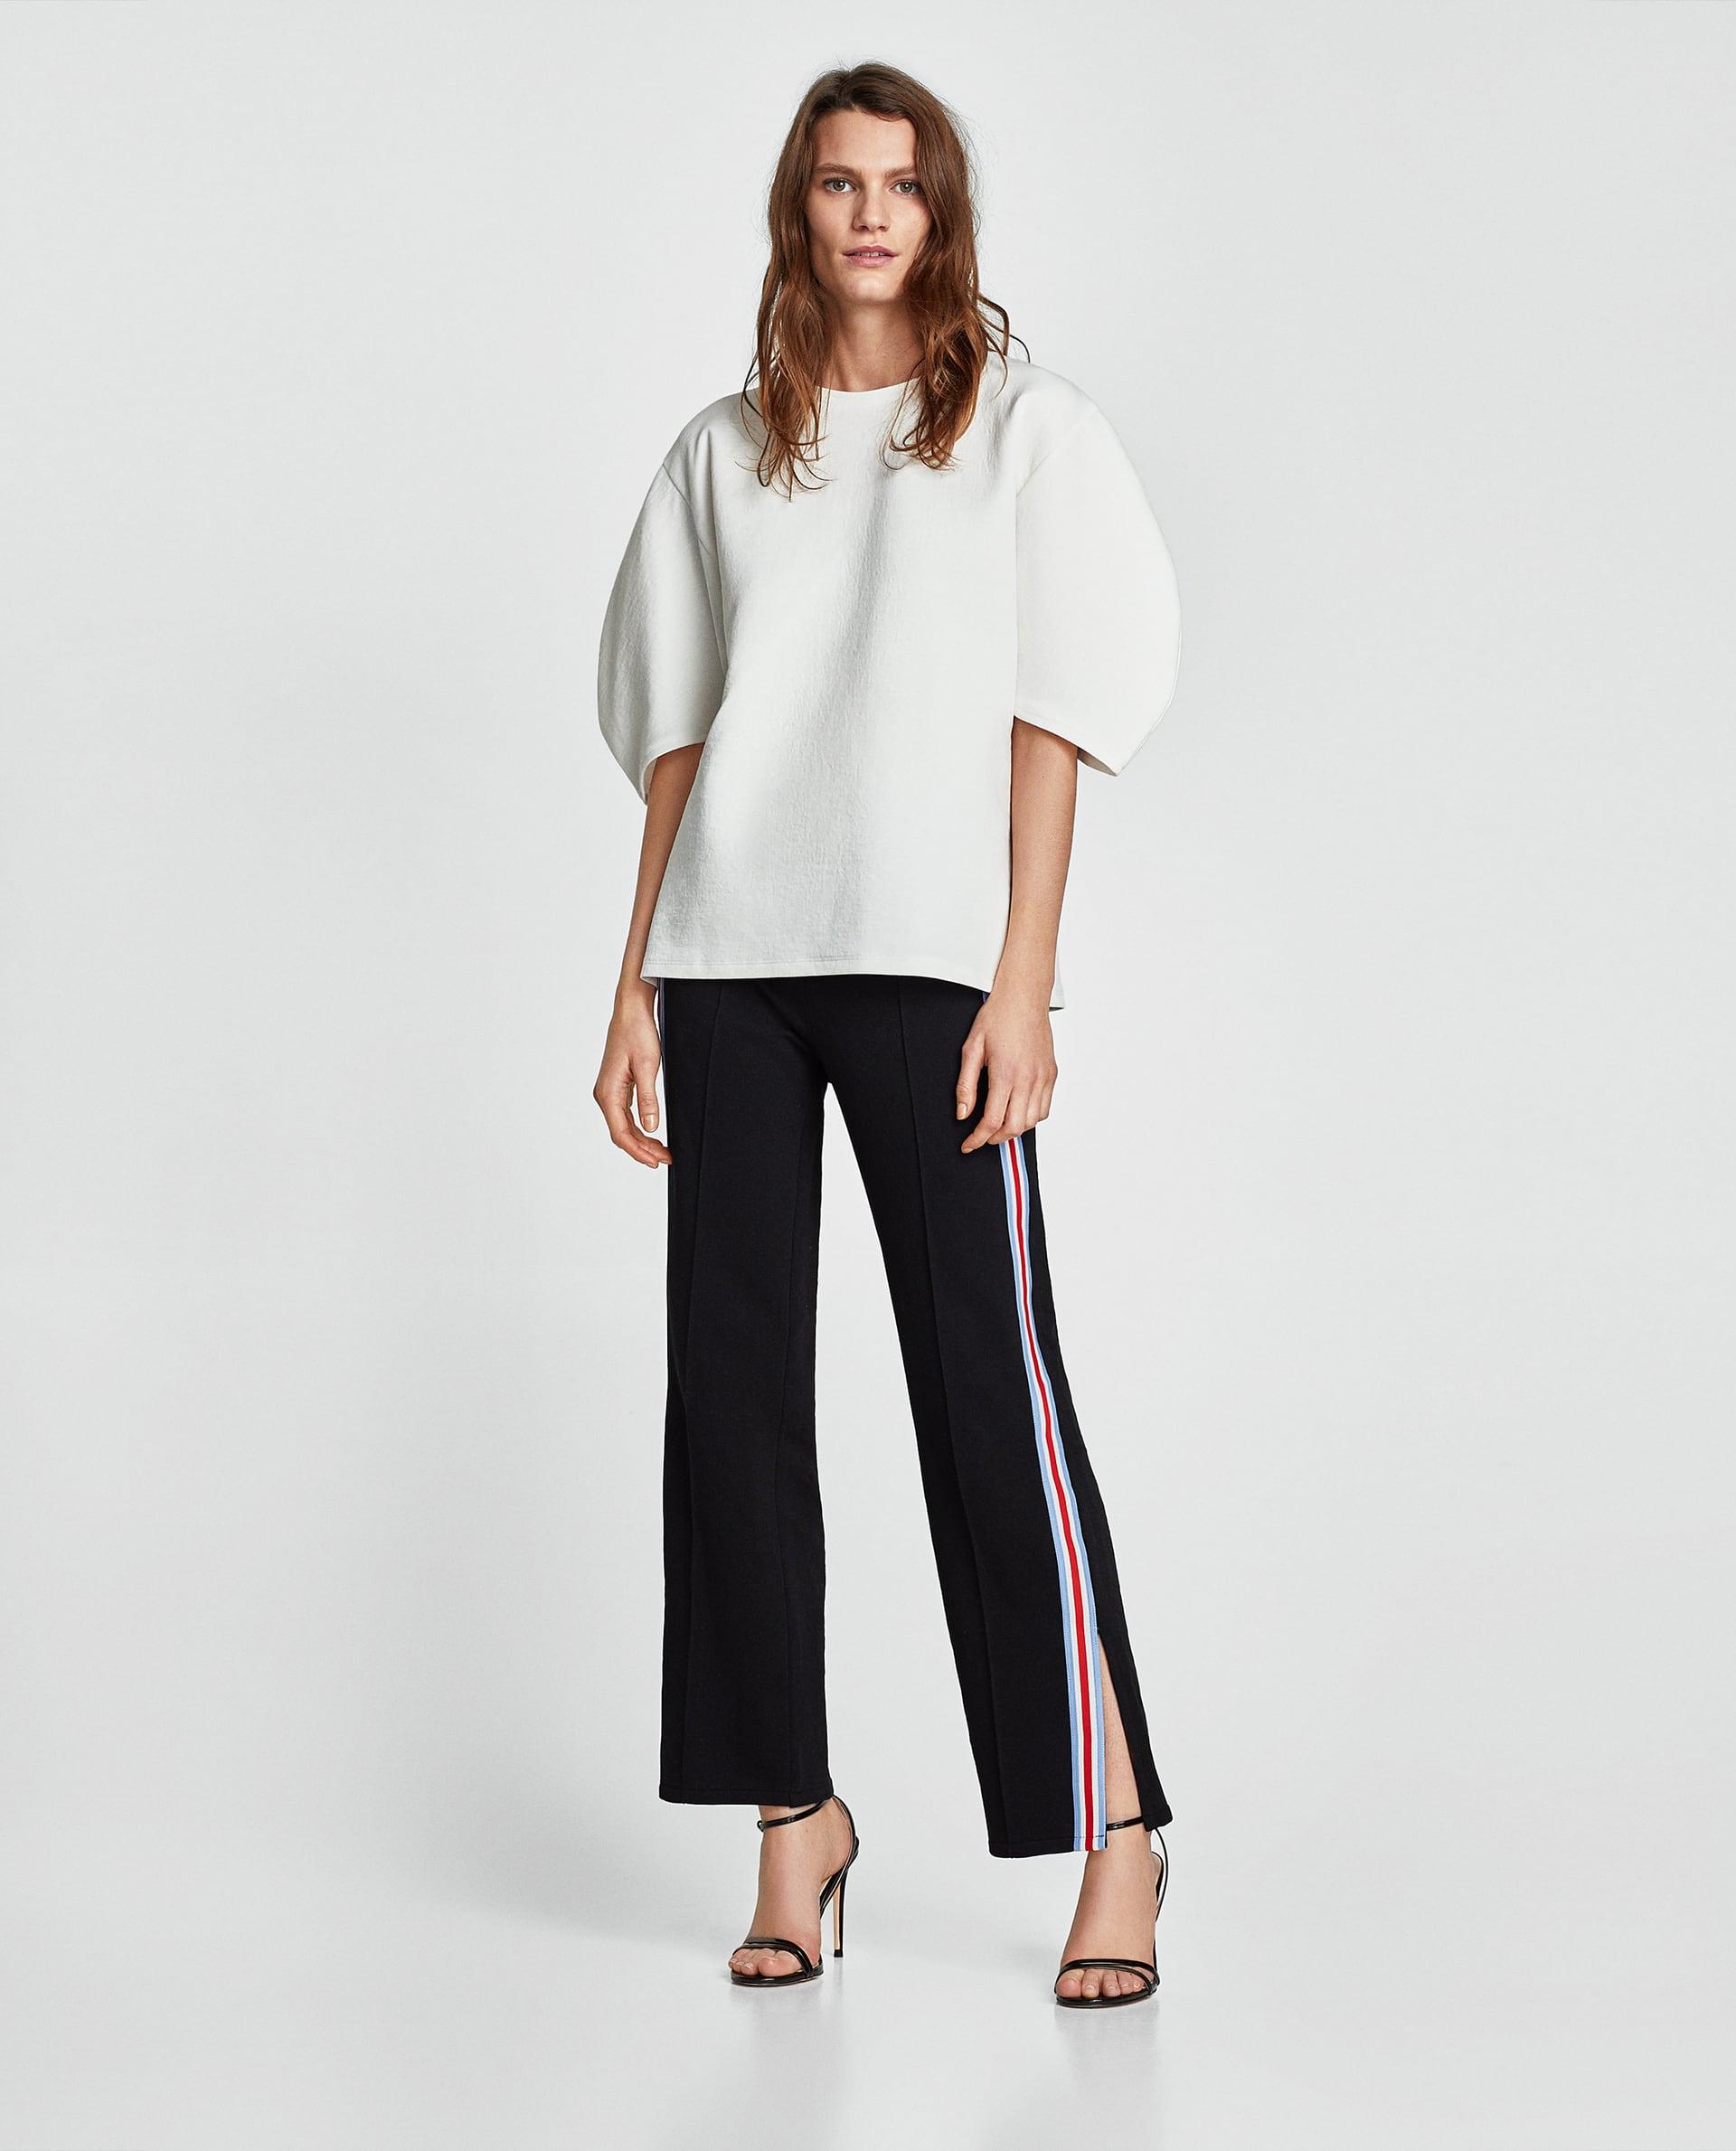 Maglia con maniche larghe Zara collezione primavera estate 2018